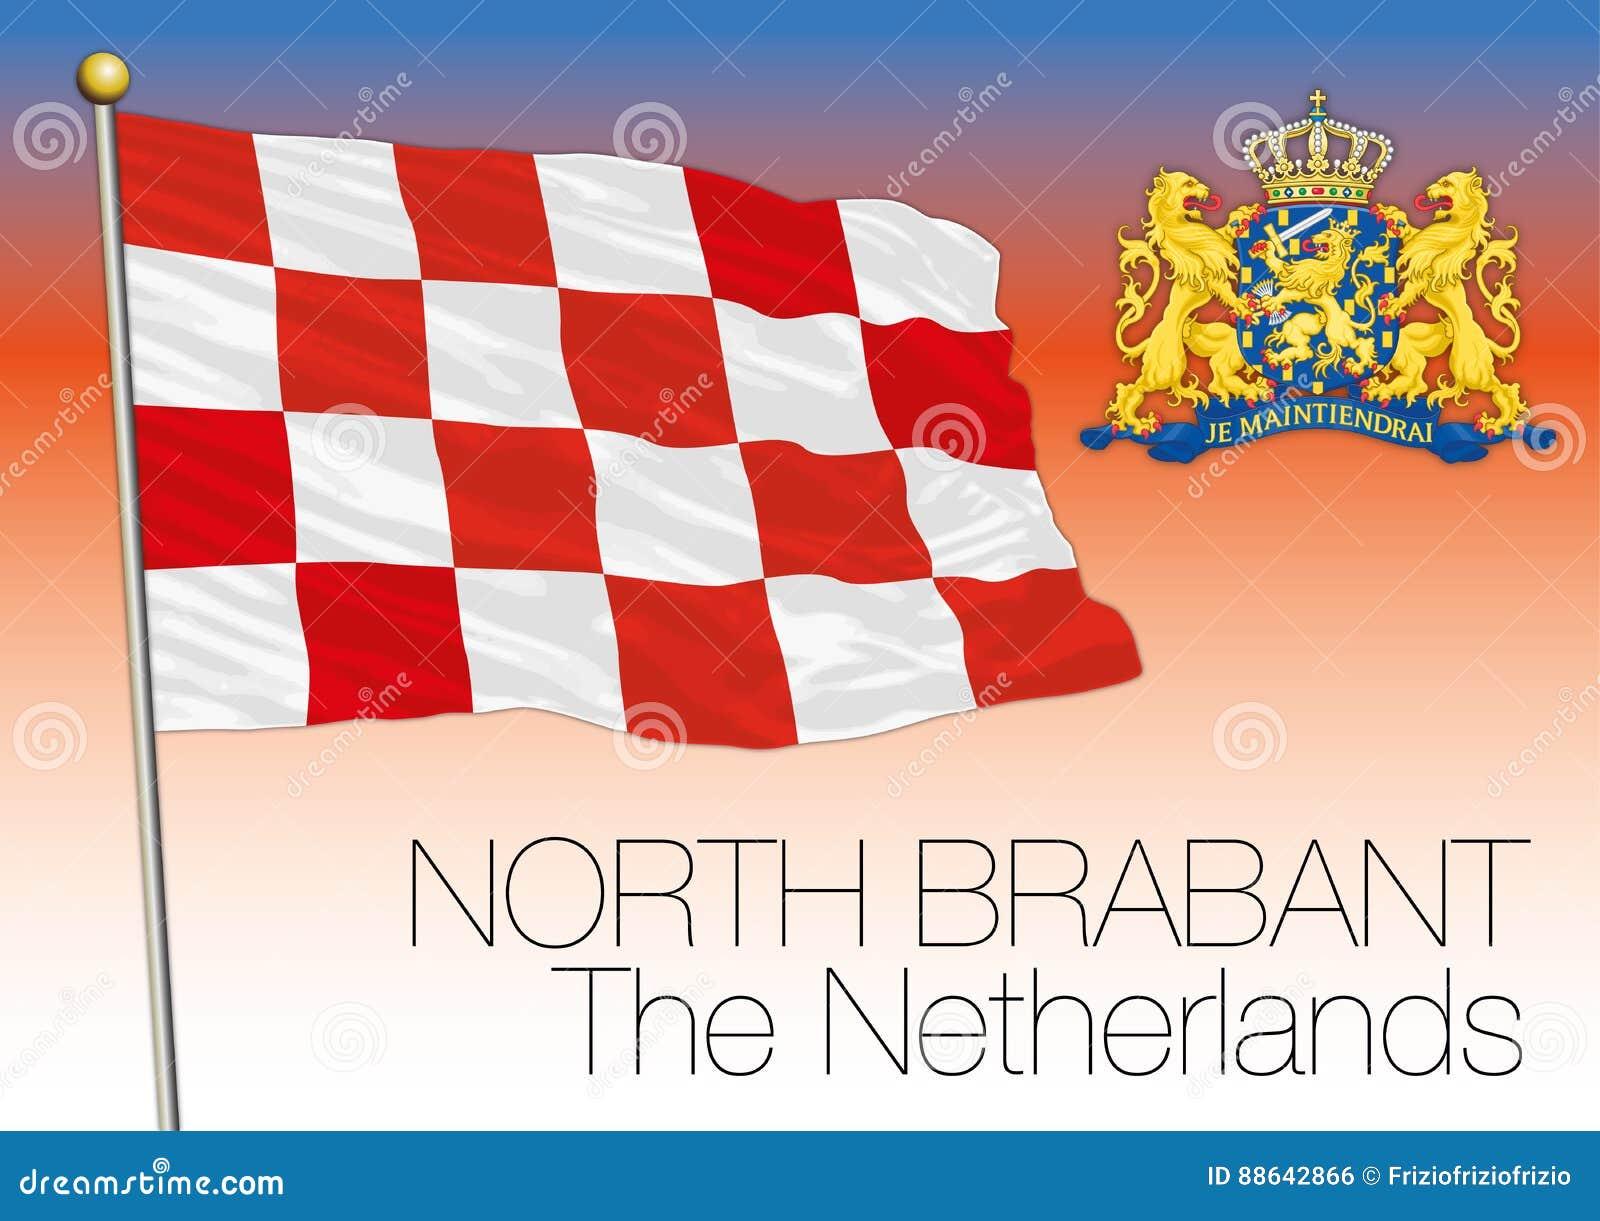 Bandera regional de Brabante Septentrional, Países Bajos, unión europea